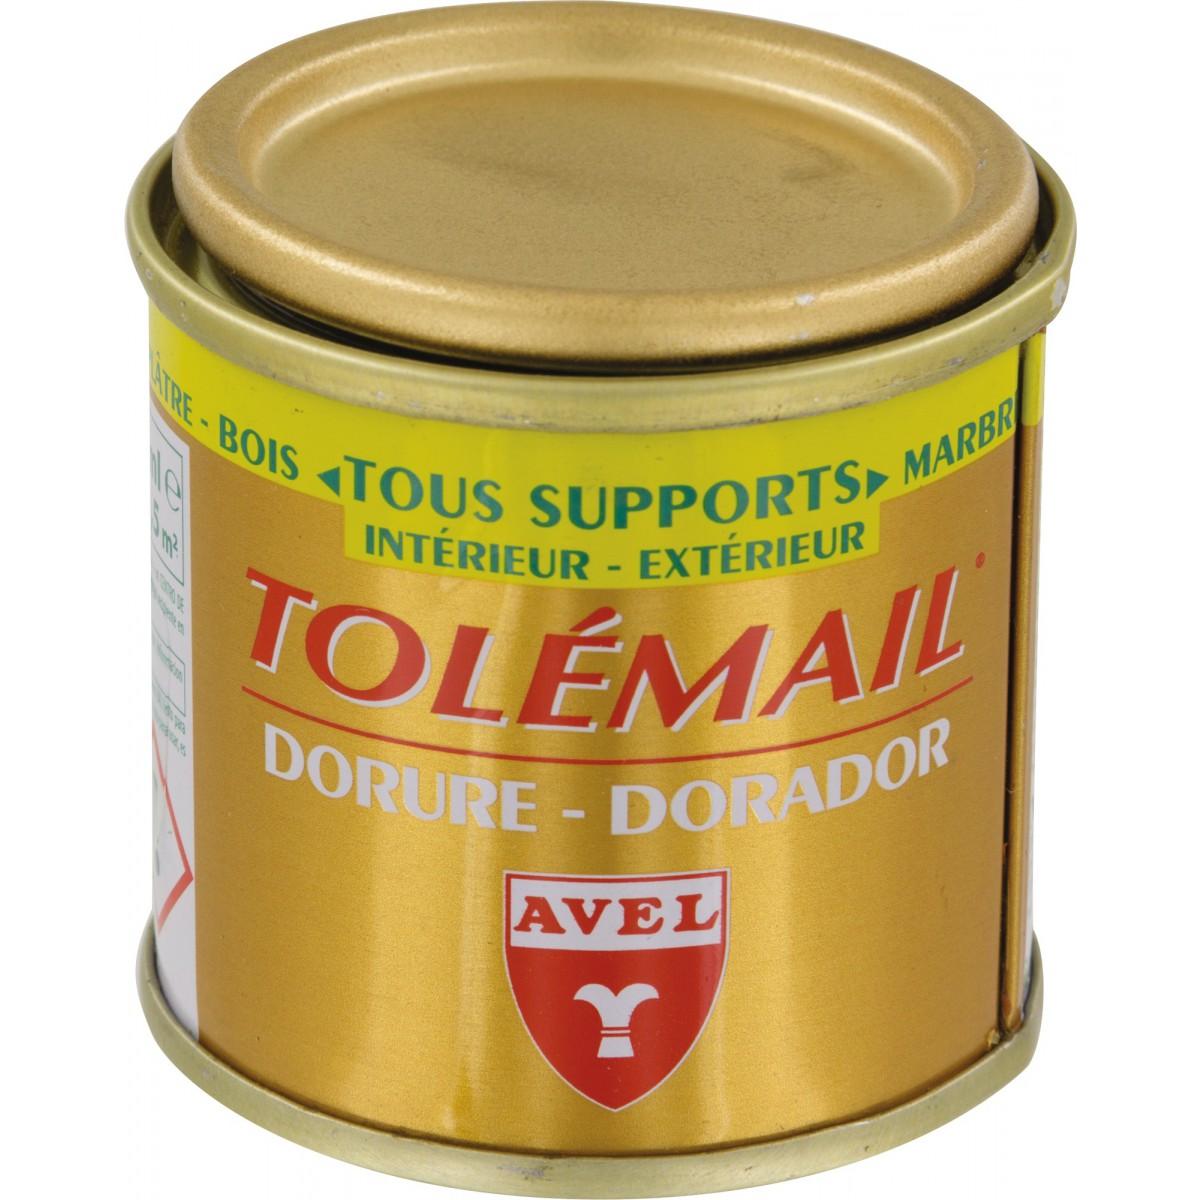 Peinture Tolémail dorure Avel Louis XIII - 50 ml - Or riche